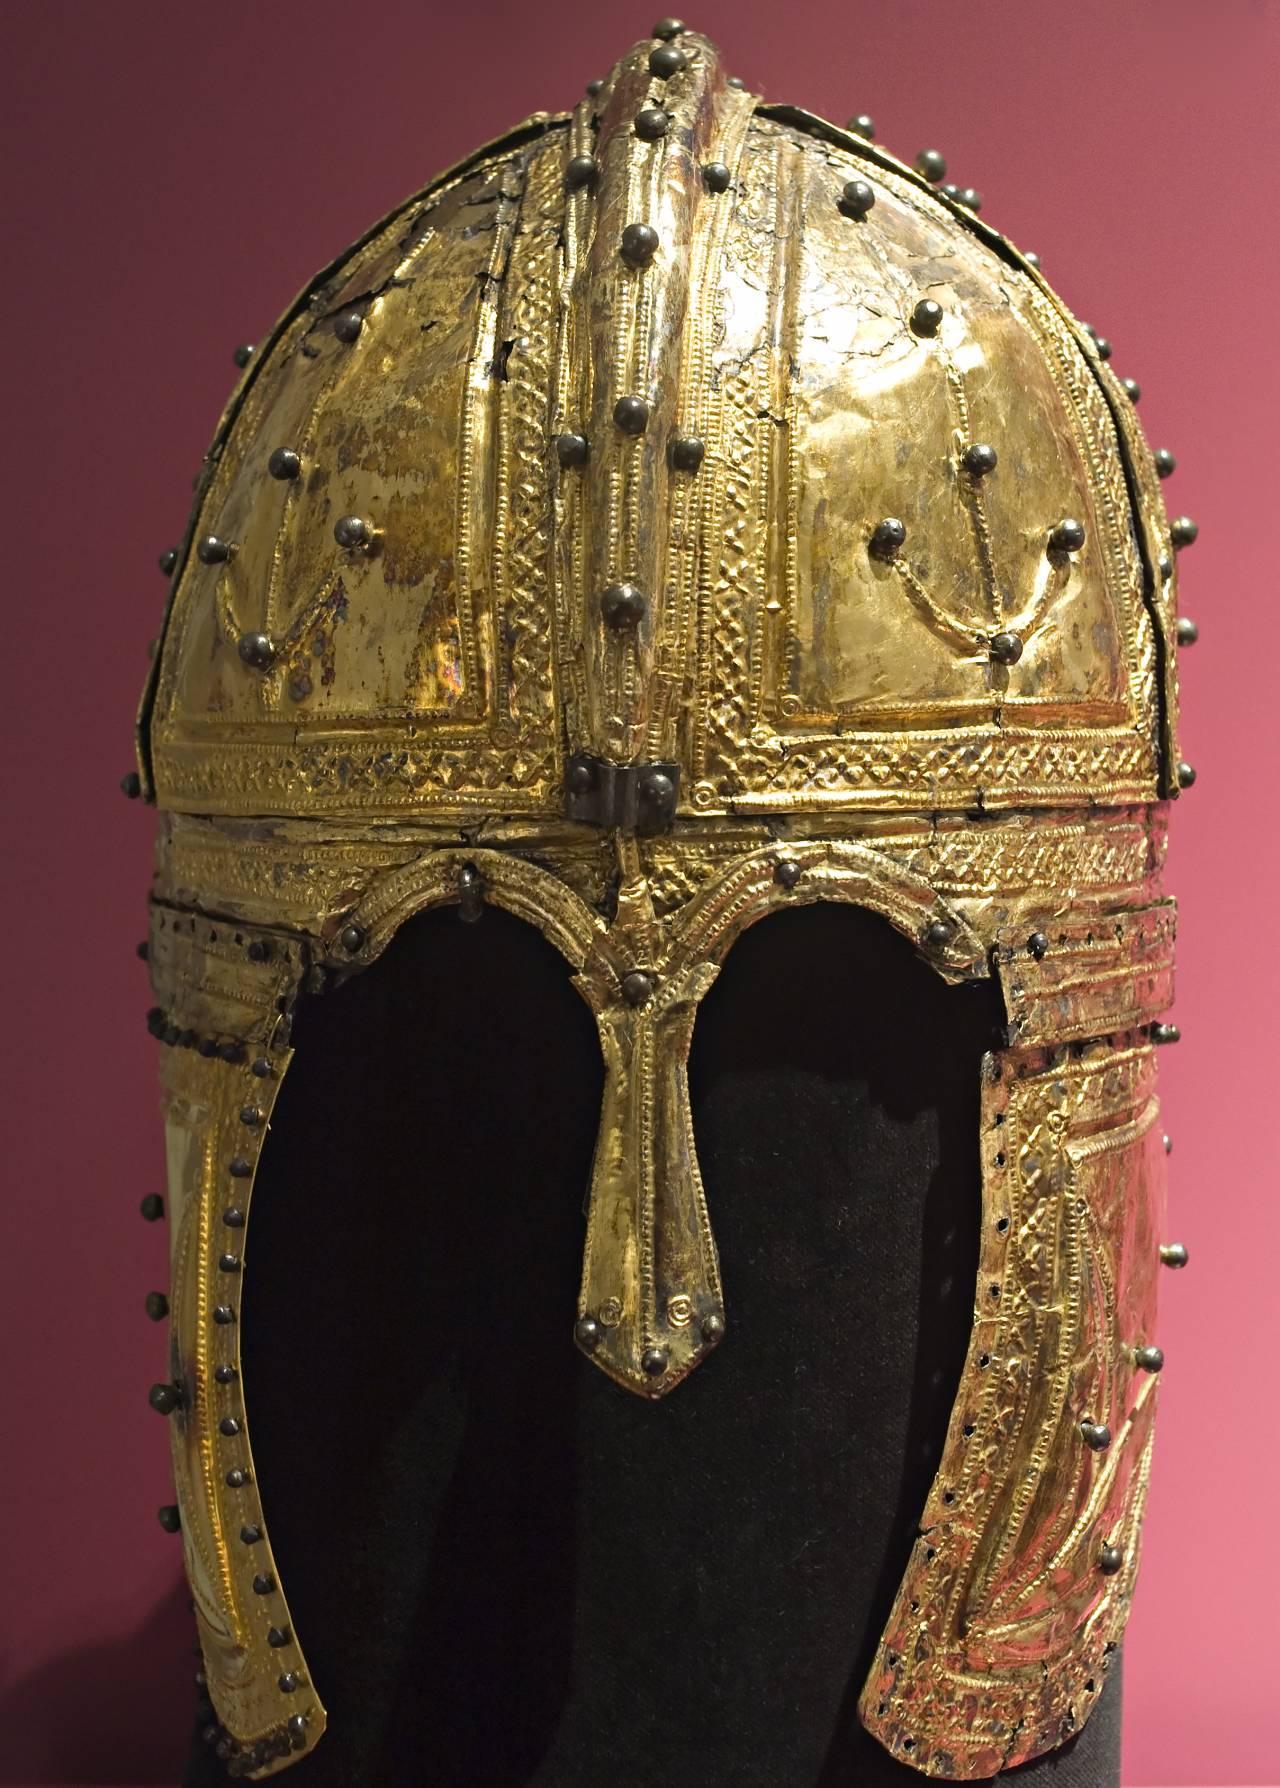 1523169987_3.-shlem-iz-derne-nachalo-4-veka-n.e.nacionalnyy-muzey-drevnostey-leyden